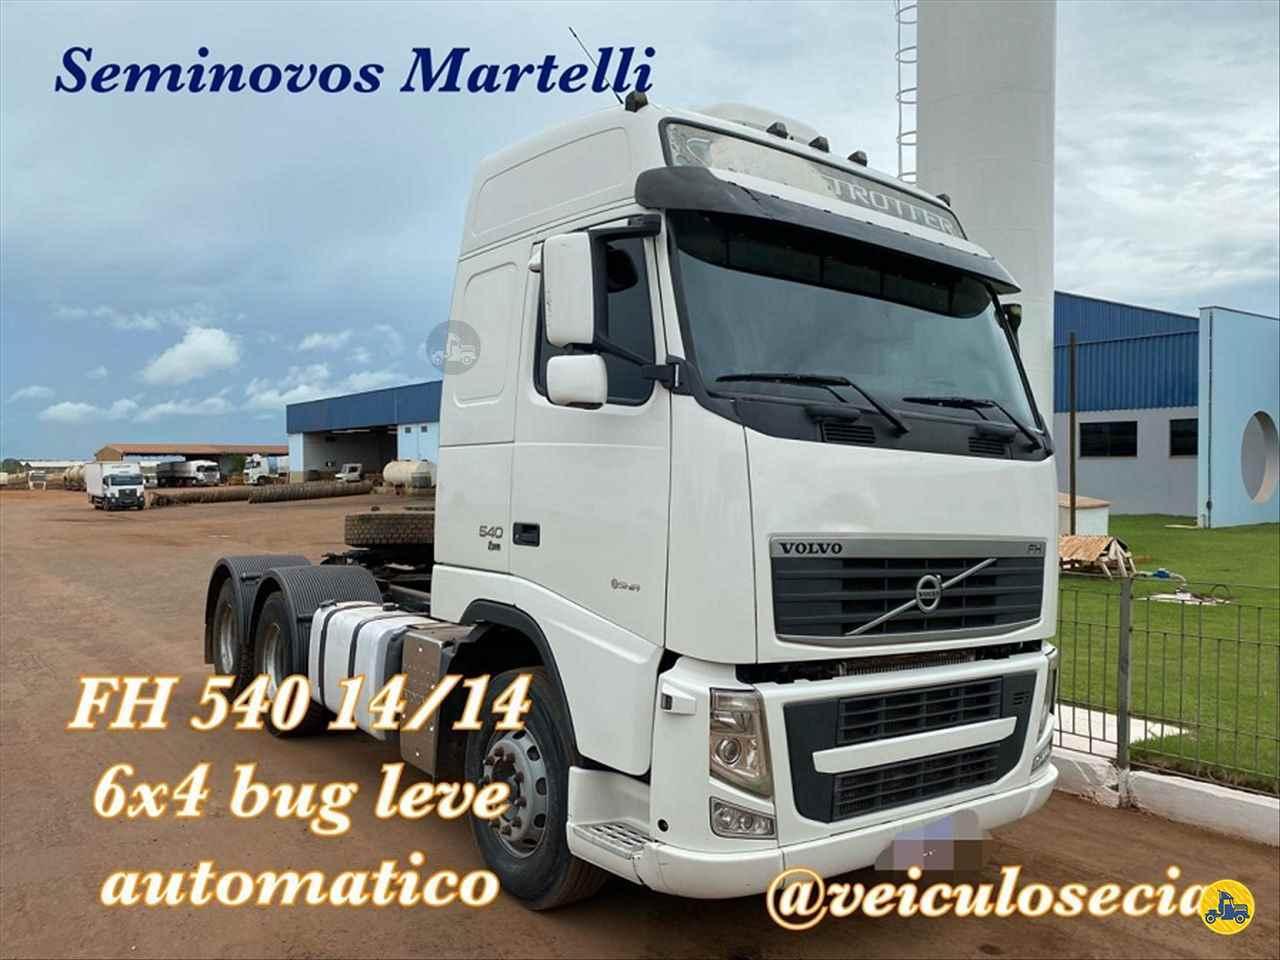 CAMINHAO VOLVO VOLVO FH 540 Cavalo Mecânico Traçado 6x4 Veiculos e Cia JACIARA MATO GROSSO MT